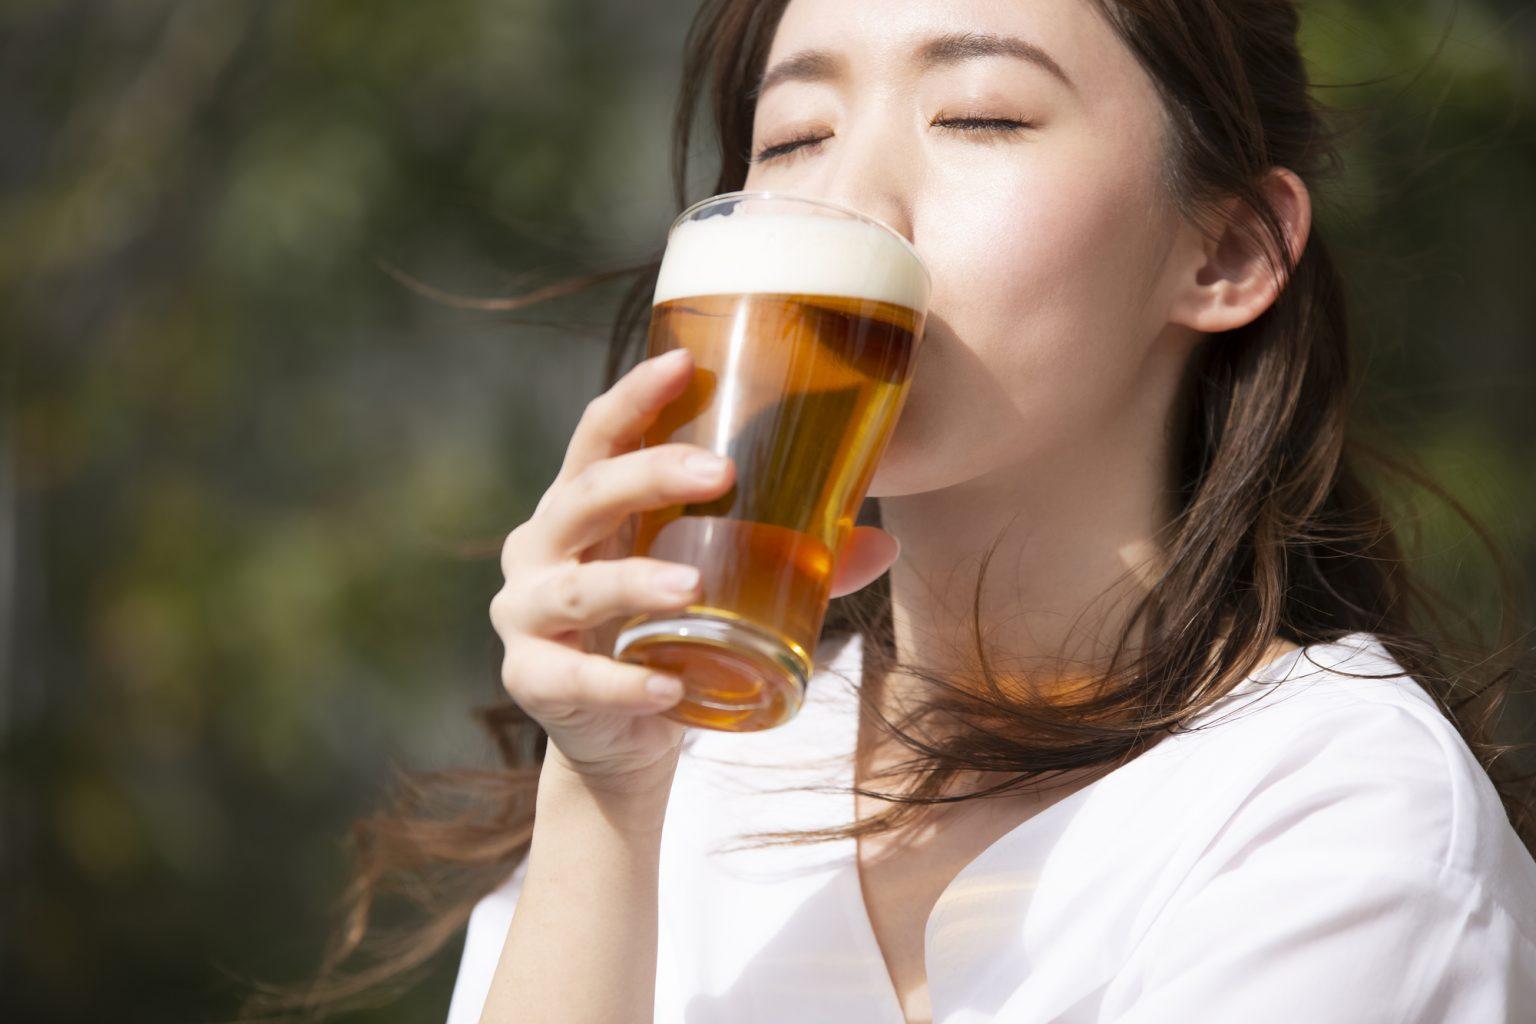 女性がビールを飲むシーン